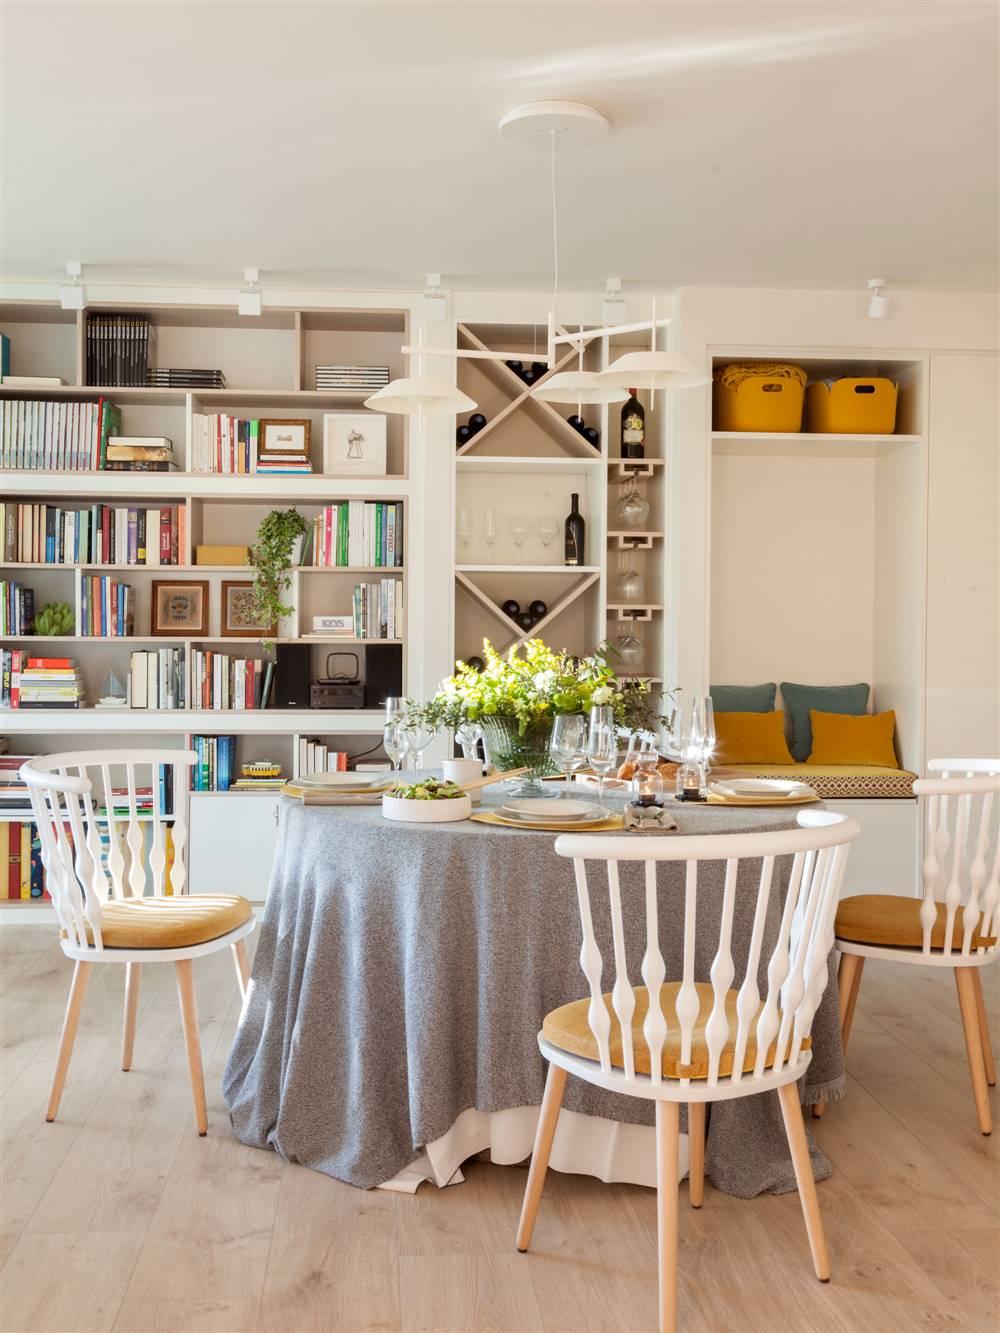 Muebles a medida: estas librerías solucionan todos tus problemas